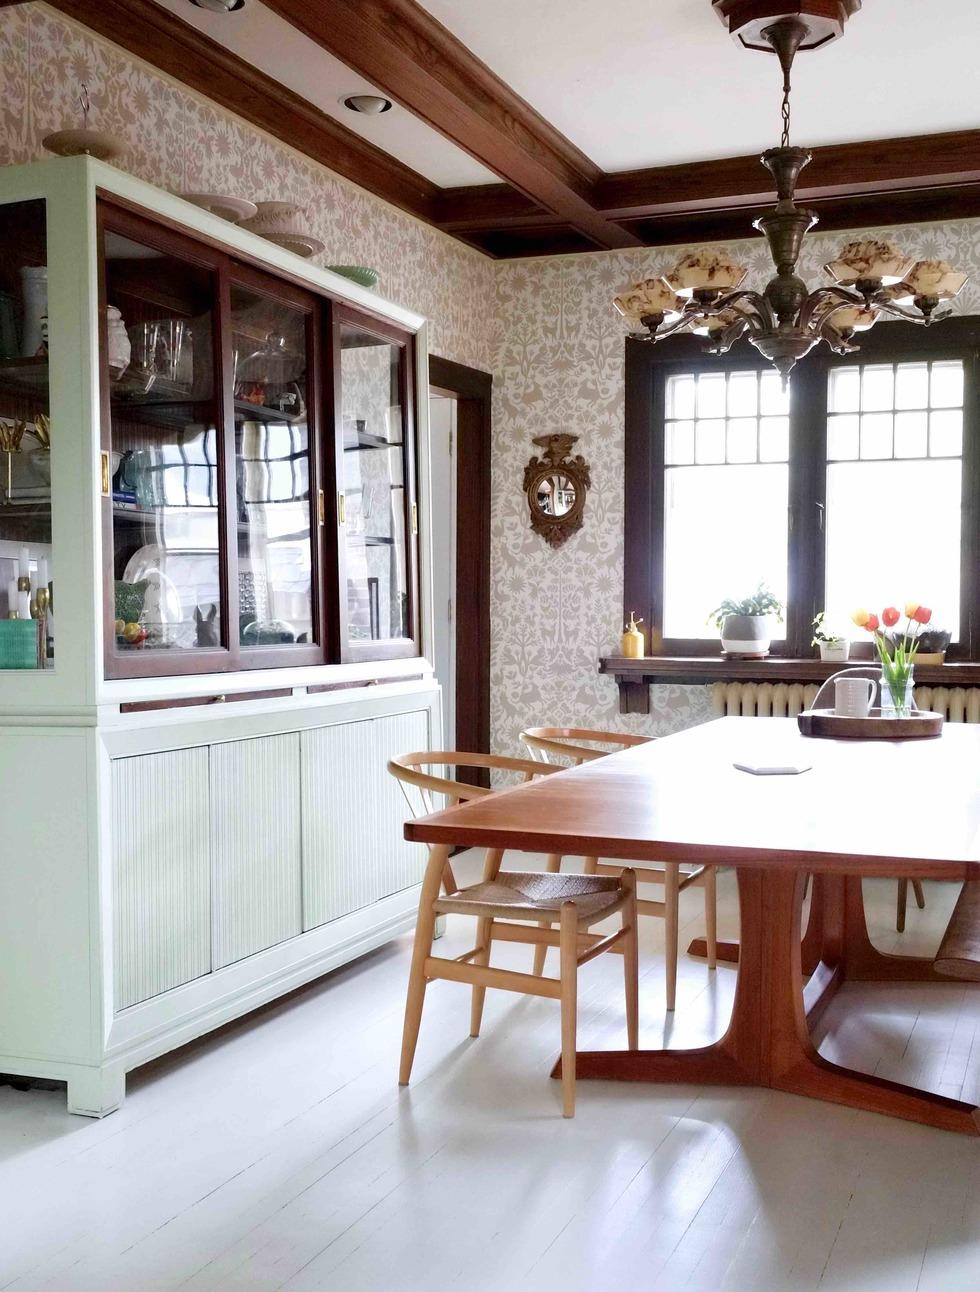 Ma salle manger revamp e avec premier damask dentelle blog - Ma salle a manger ...